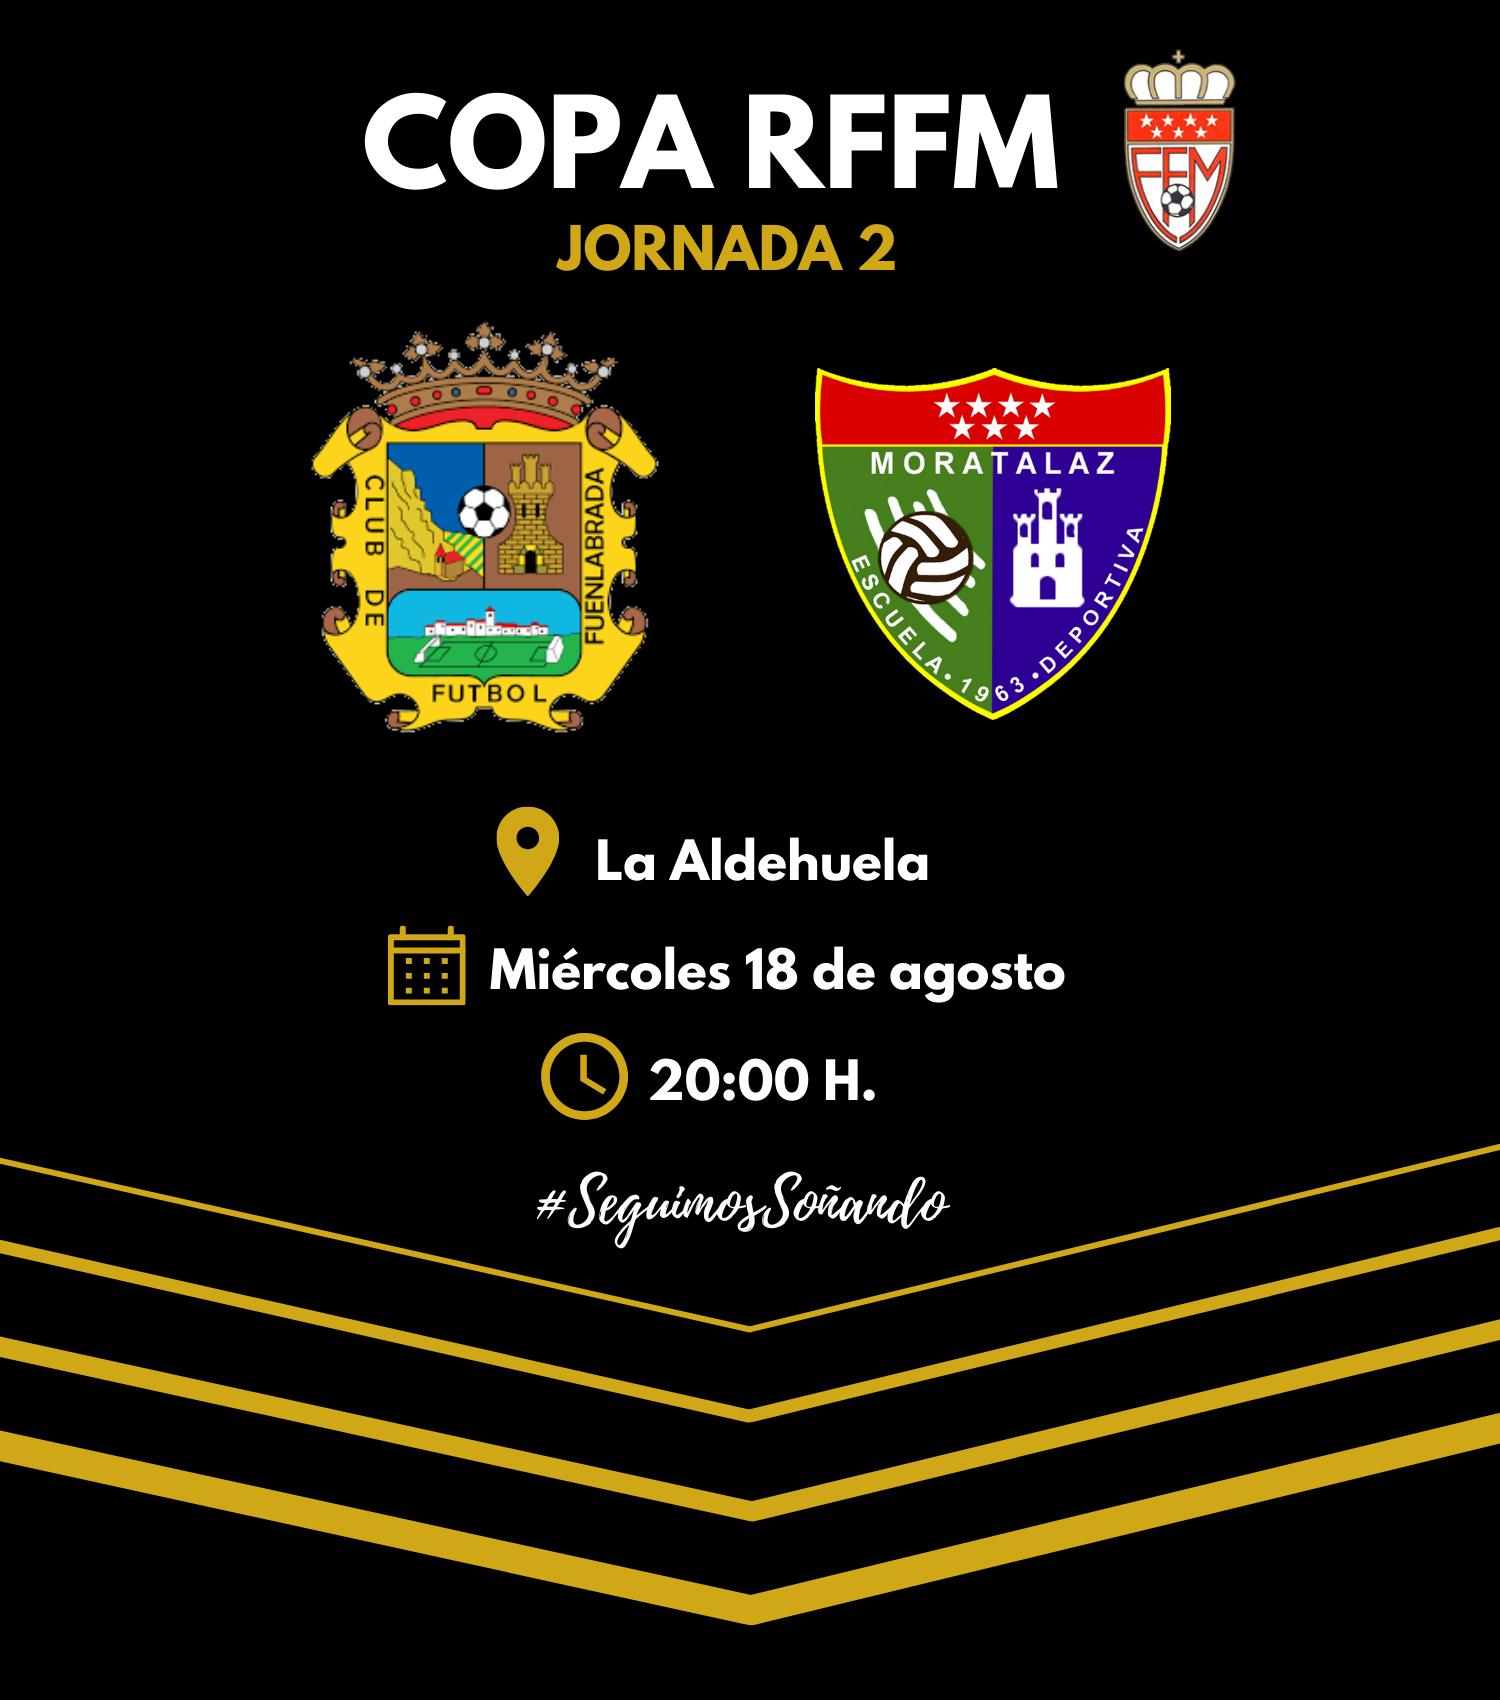 El Primer Equipo visita al CDE Madrid 2021 – Fuenlabrada Promesas en la jornada 2 de Copa RFFM